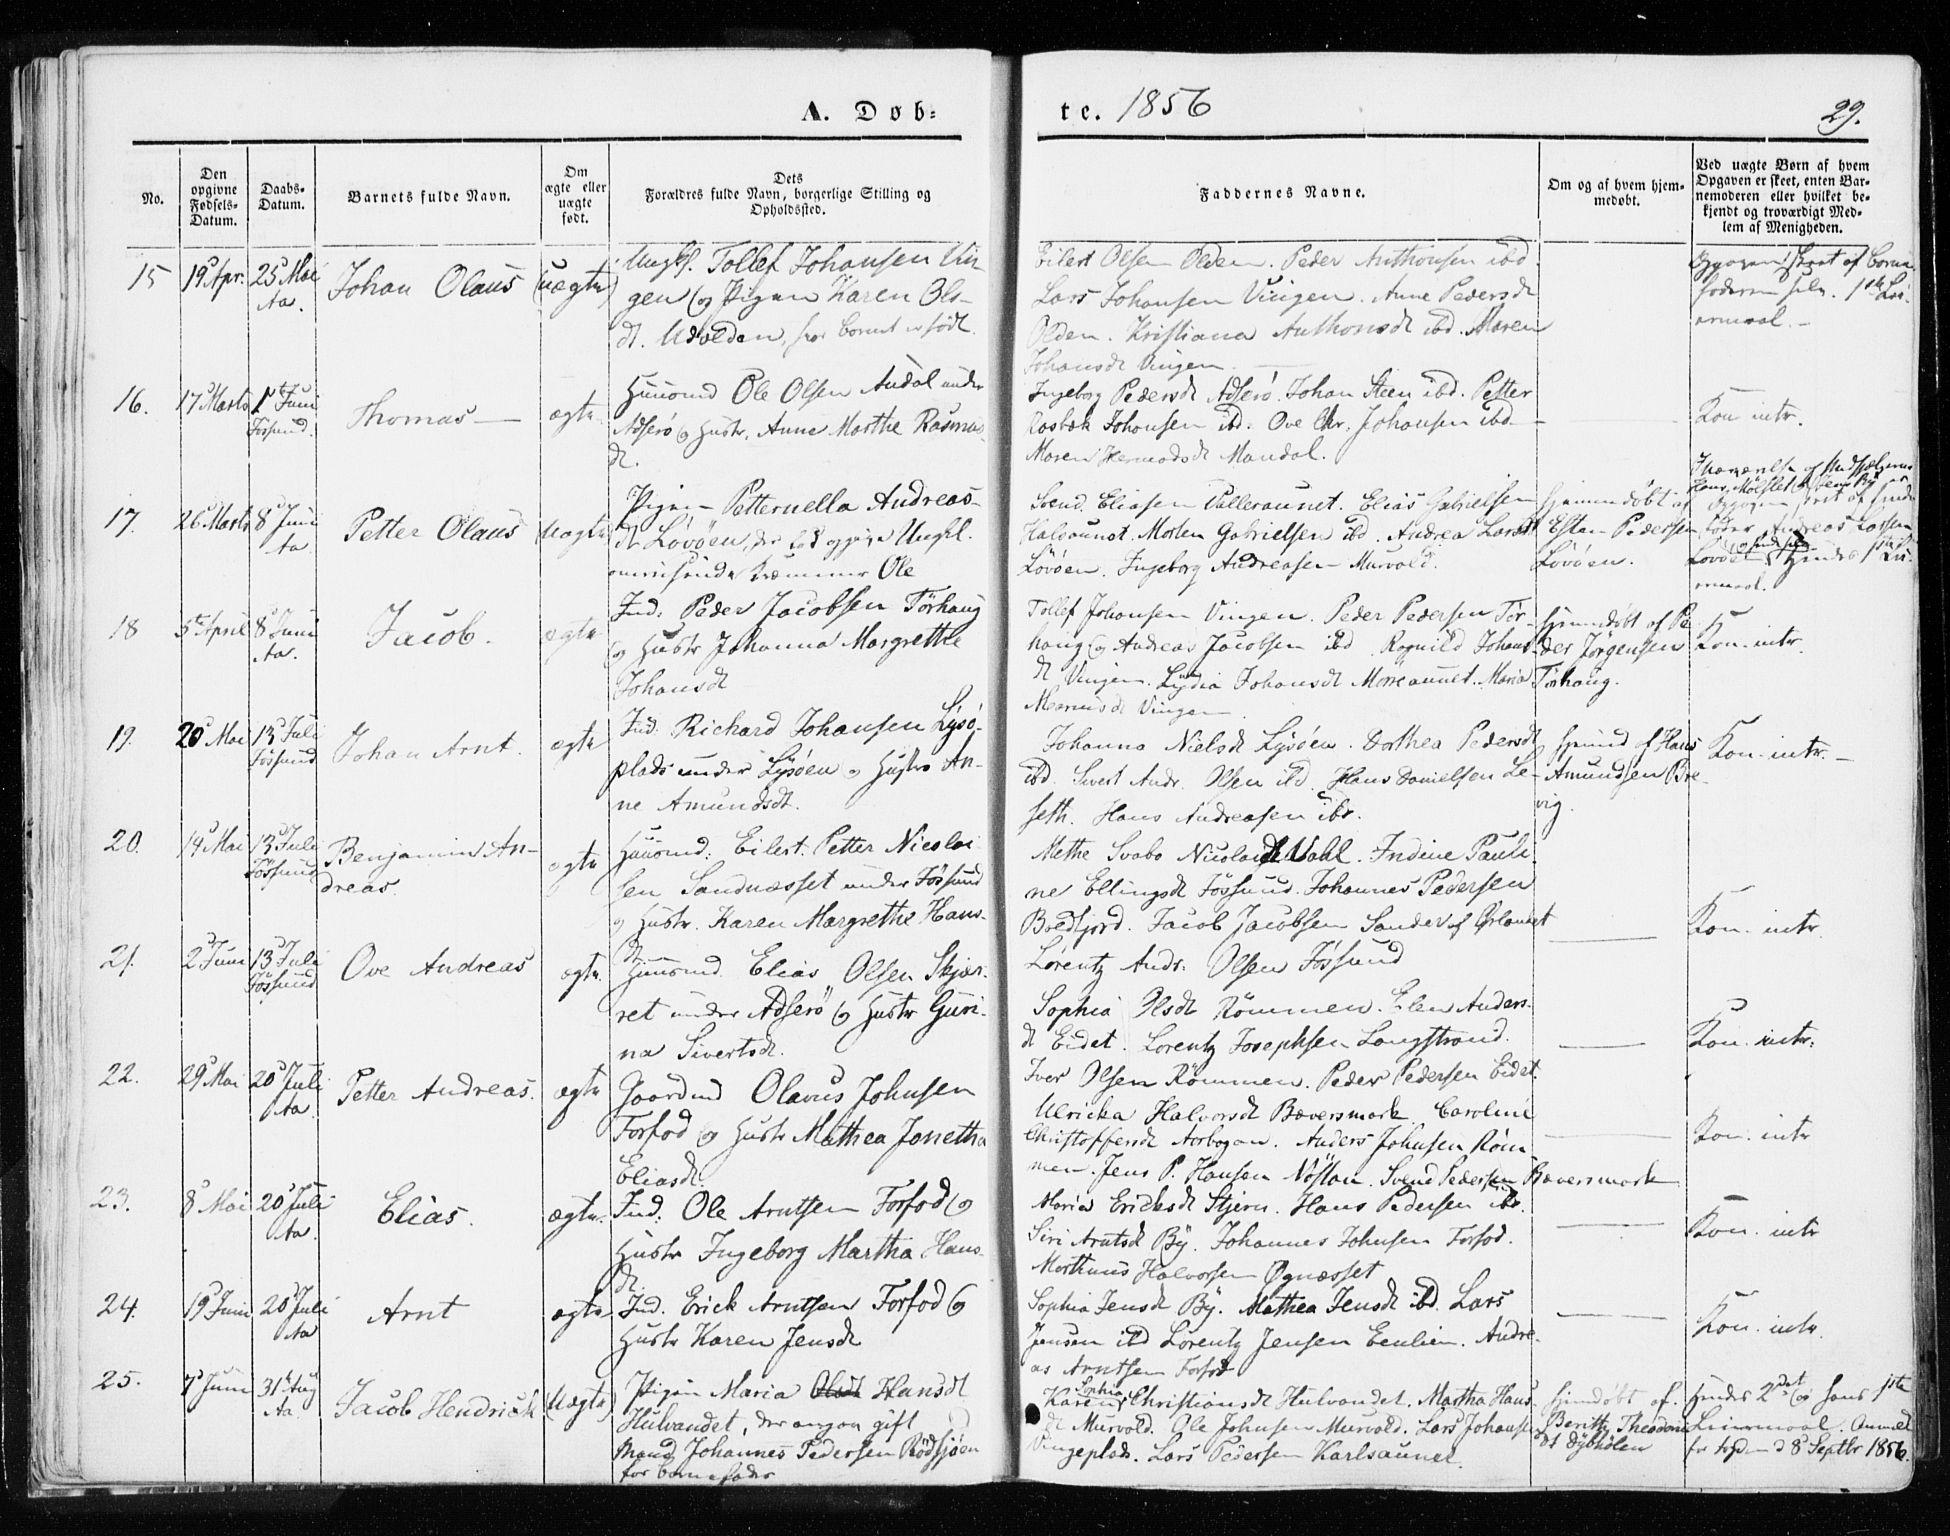 SAT, Ministerialprotokoller, klokkerbøker og fødselsregistre - Sør-Trøndelag, 655/L0677: Ministerialbok nr. 655A06, 1847-1860, s. 29